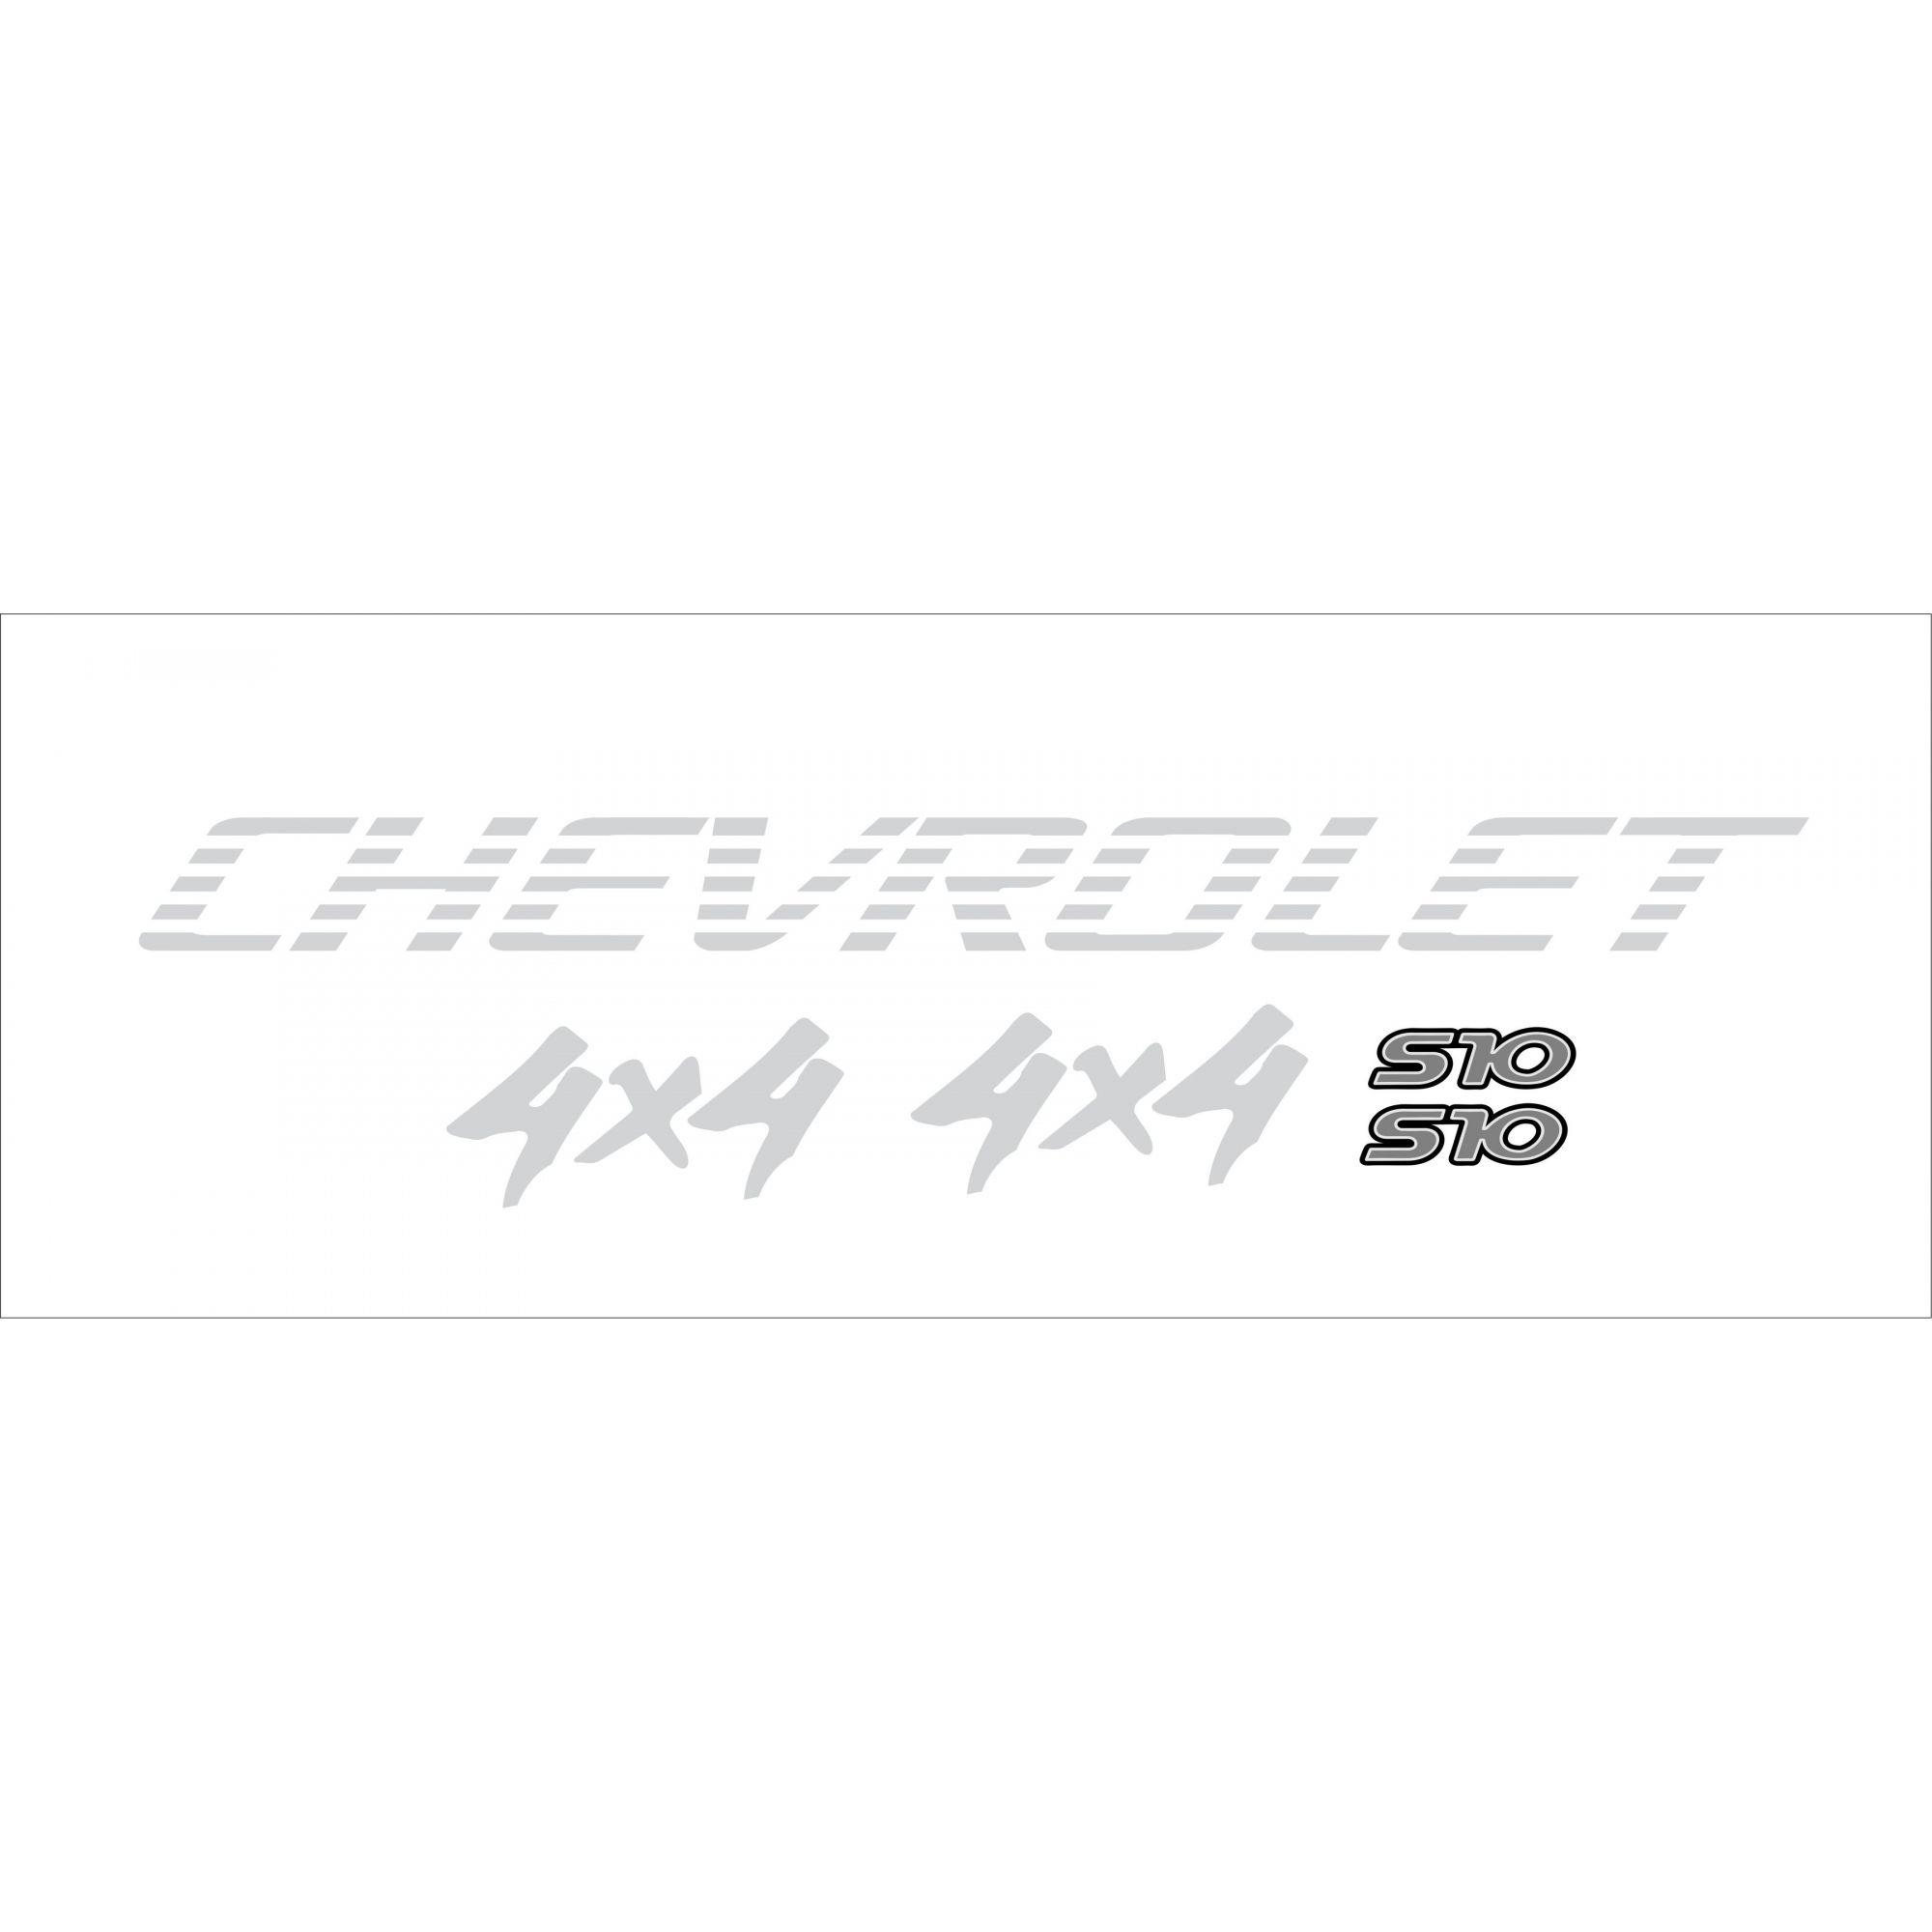 Kit Adesivo Chevrolet S10 4x4 1995/2000 Prata S10kit27